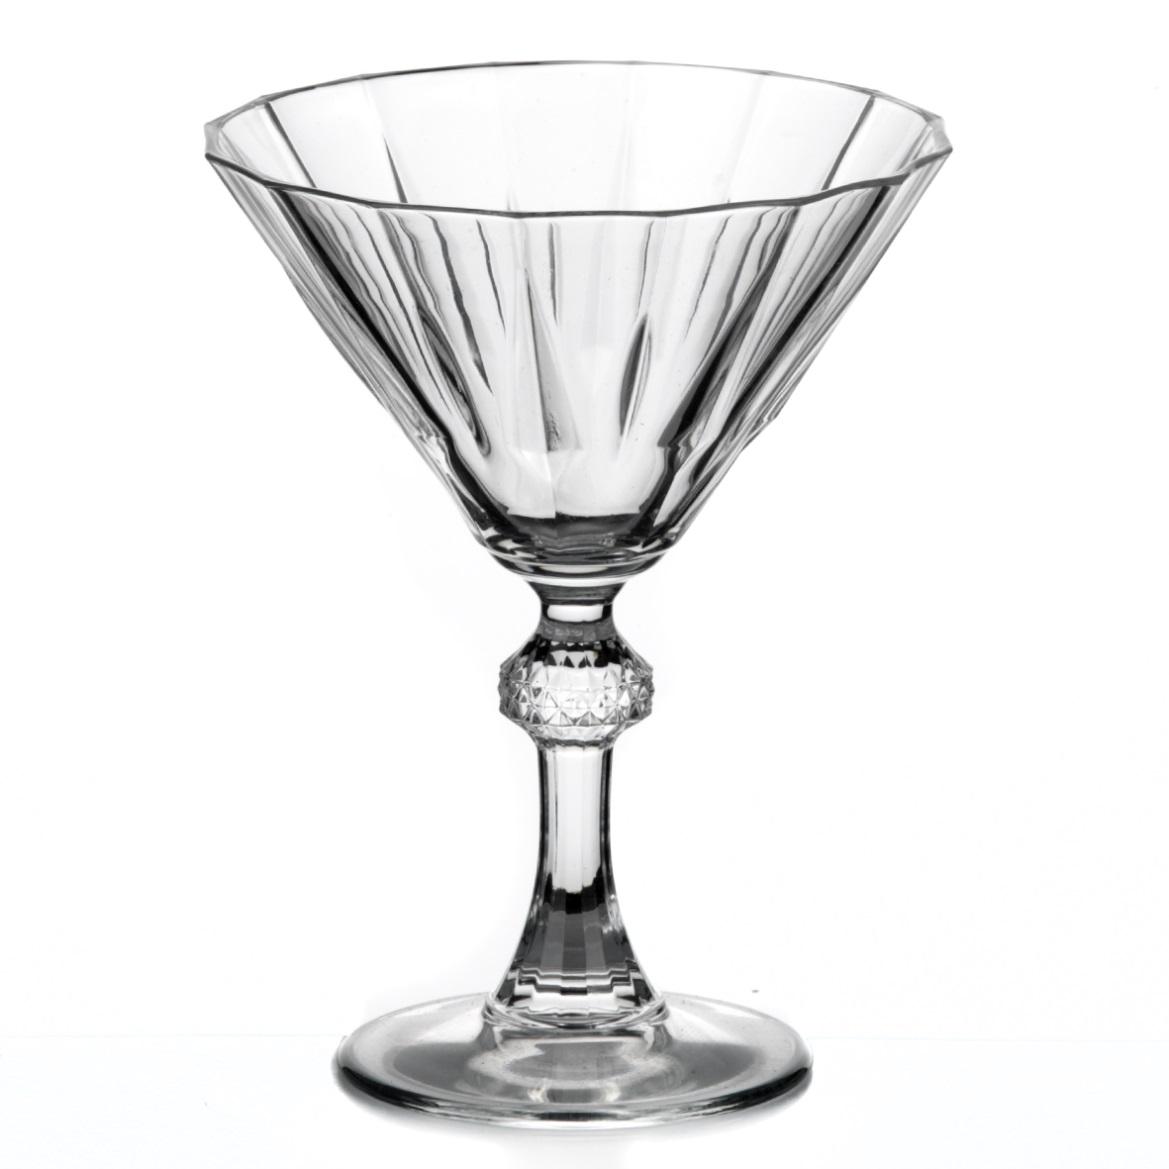 Набор бокалов для мартини Pasabahce Diamond, цвет: прозрачный, 238 мл, 6 шт440099Набор Pasabahce Diamond состоит из шести бокалов, выполненных из прочного натрий-кальций-силикатного стекла. Изделия имеют рельефную поверхность. Набор предназначен для подачи мартини. Бокалы сочетают в себе элегантный дизайн и функциональность. Благодаря такому набору пить напитки будет еще вкуснее. Набор бокалов Pasabahce Diamond прекрасно оформит праздничный стол и создаст приятную атмосферу за романтическим ужином. Такой набор также станет хорошим подарком к любому случаю. Можно мыть в посудомоечной машине. Диаметр бокала (по верхнему краю): 11,5 см. Высота бокала: 15 см.